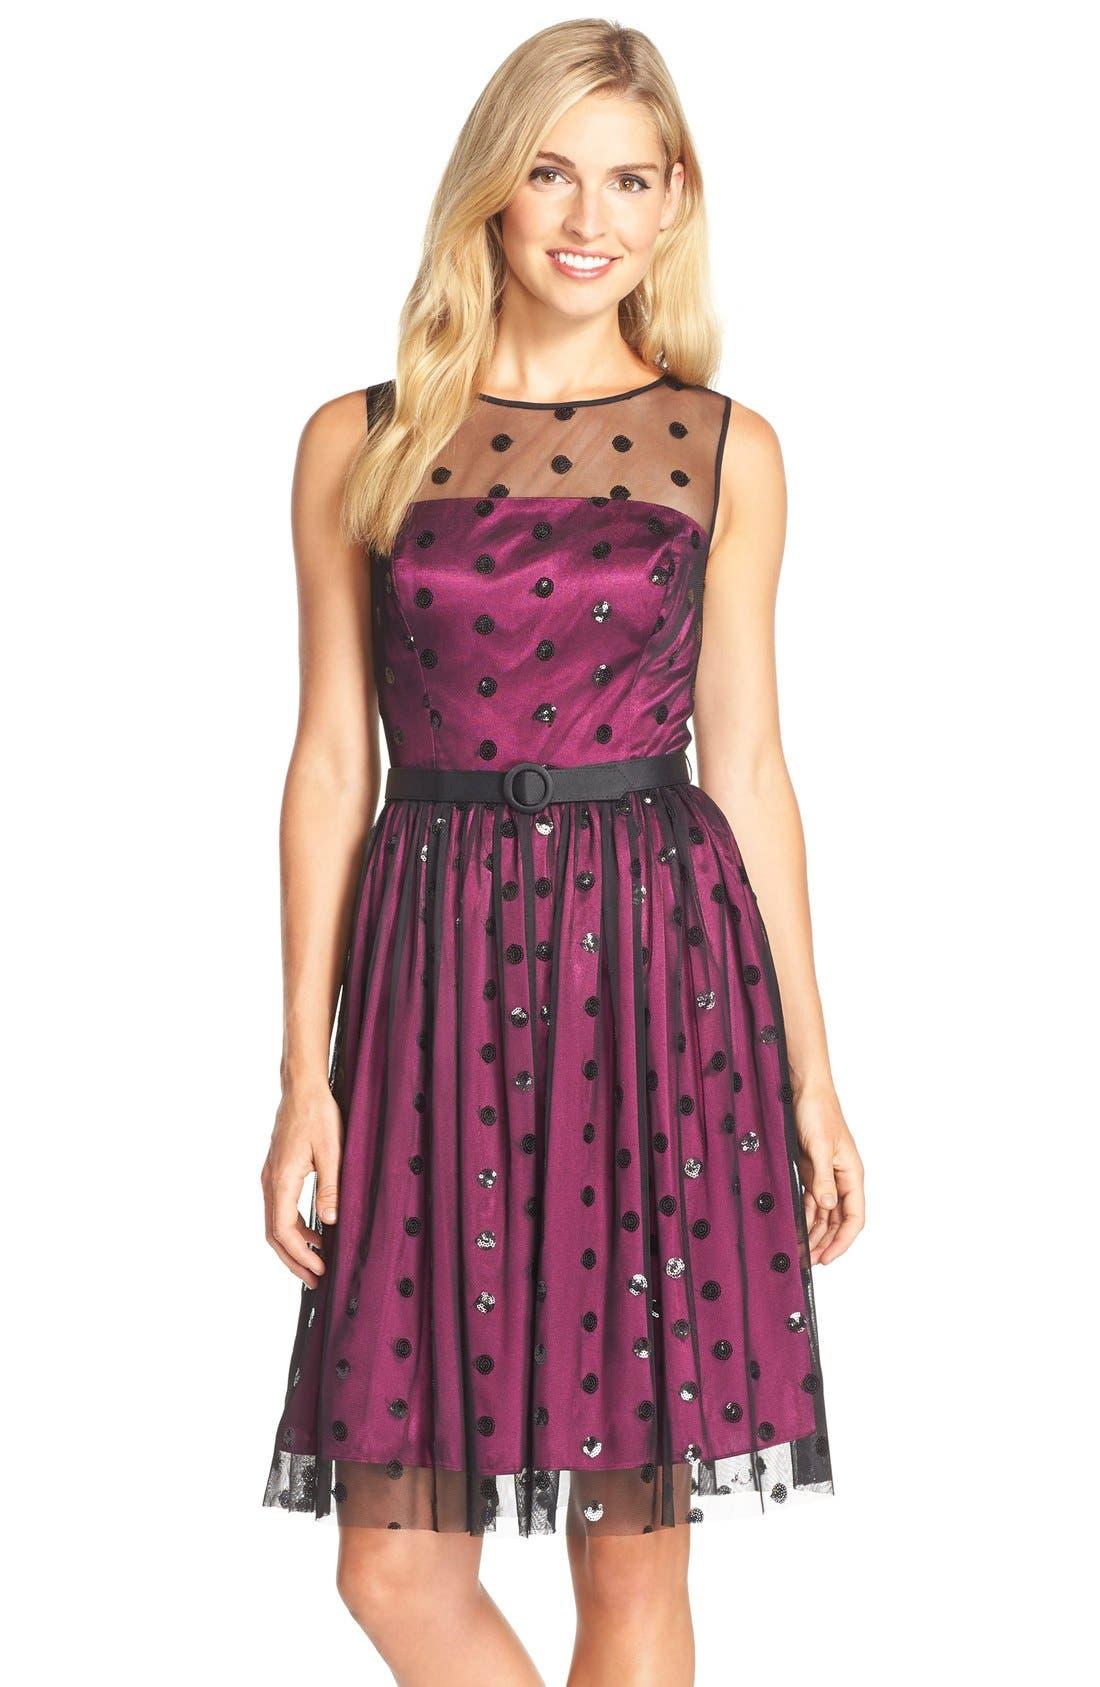 Alternate Image 1 Selected - Eliza J Sequin Polka Dot Mesh Fit & Flare Dress